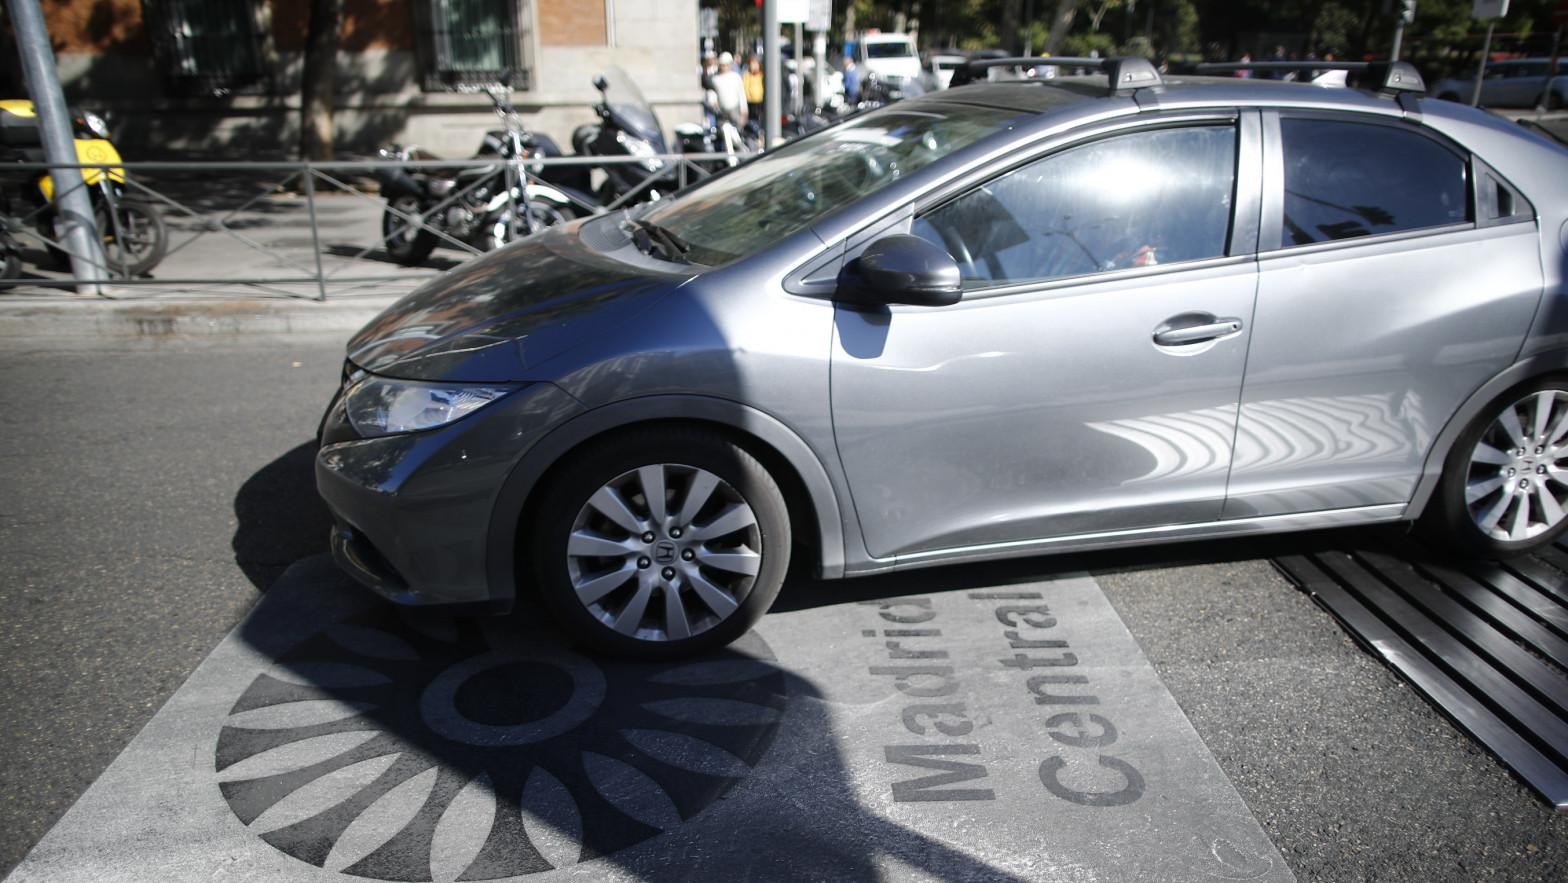 El Tribunal Supremo anula Madrid Central: ¿qué ocurre ahora con las multas?